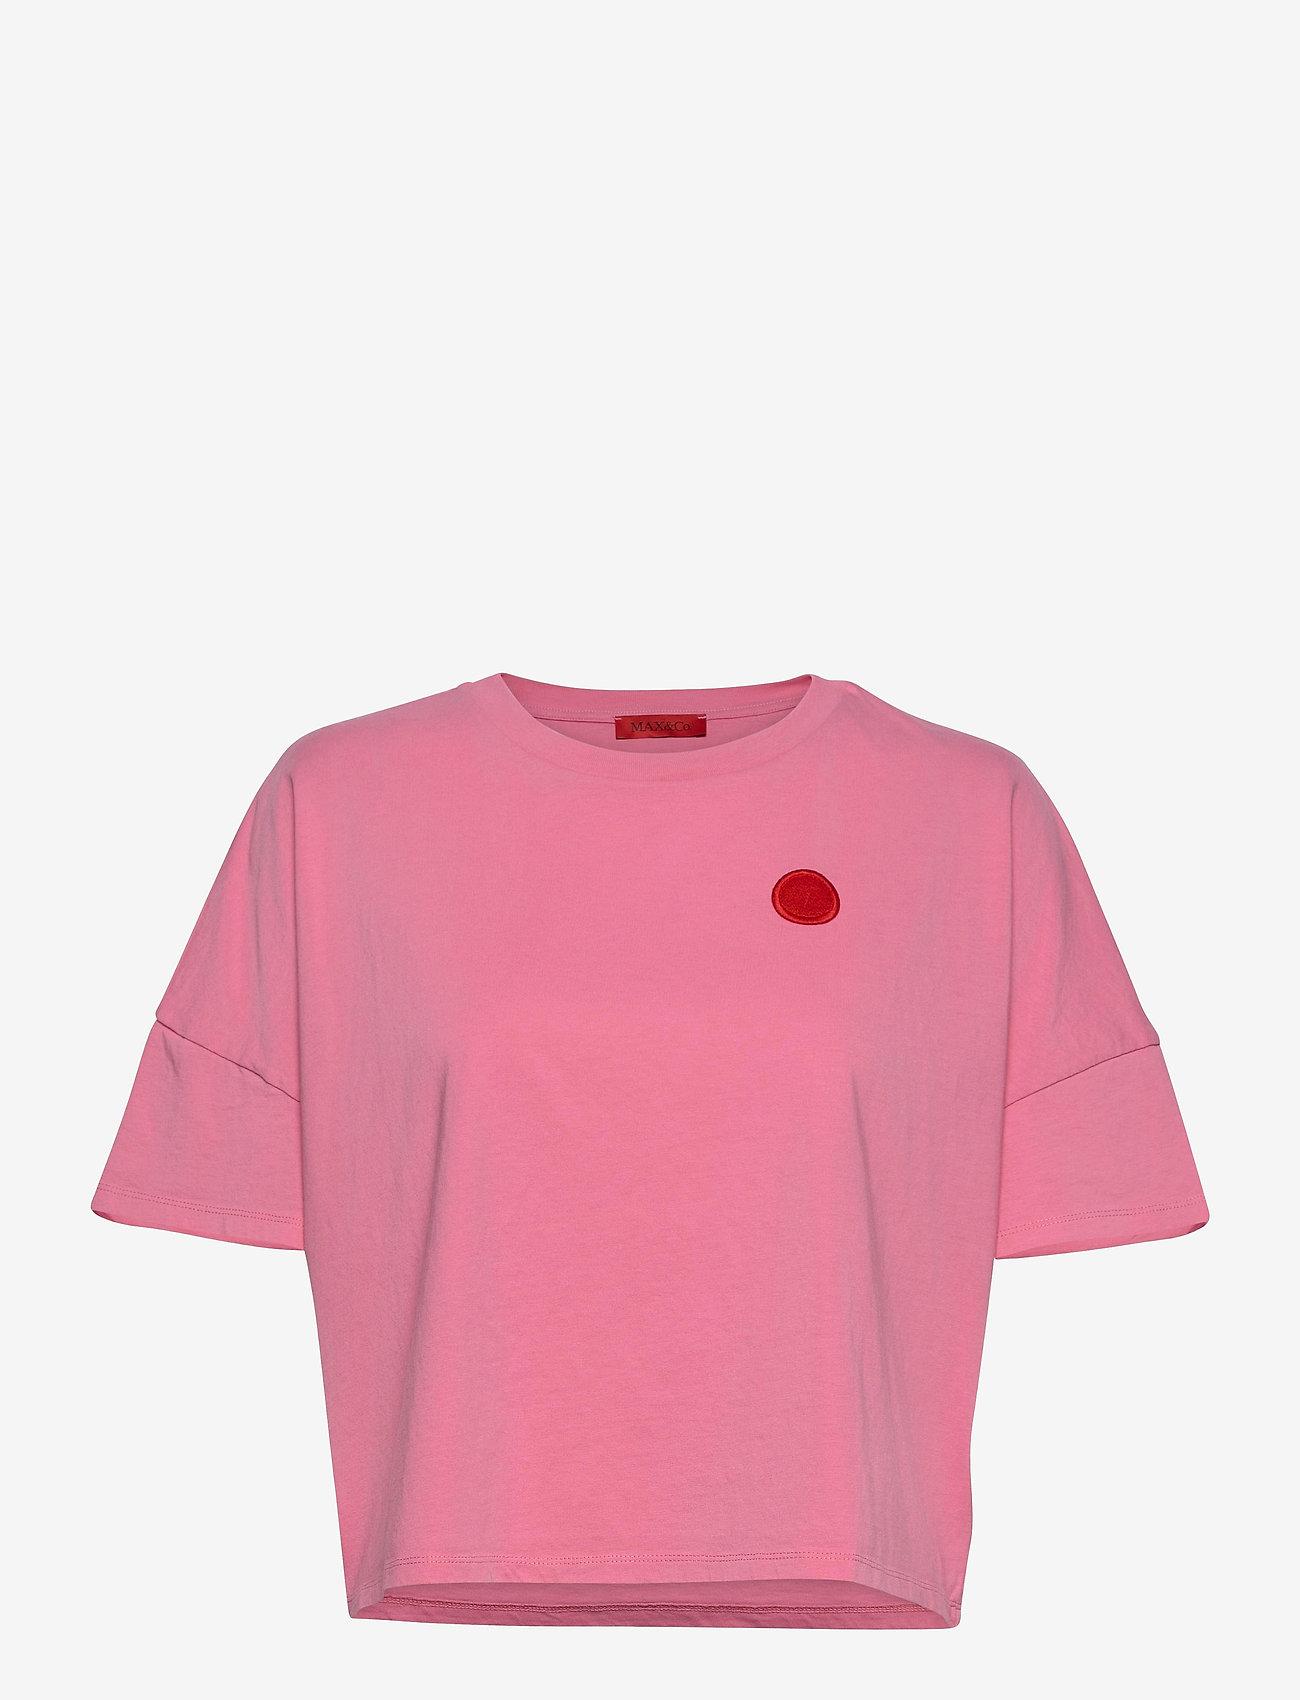 Max&Co. - DAVVERO - navel shirts - fuchsia - 0